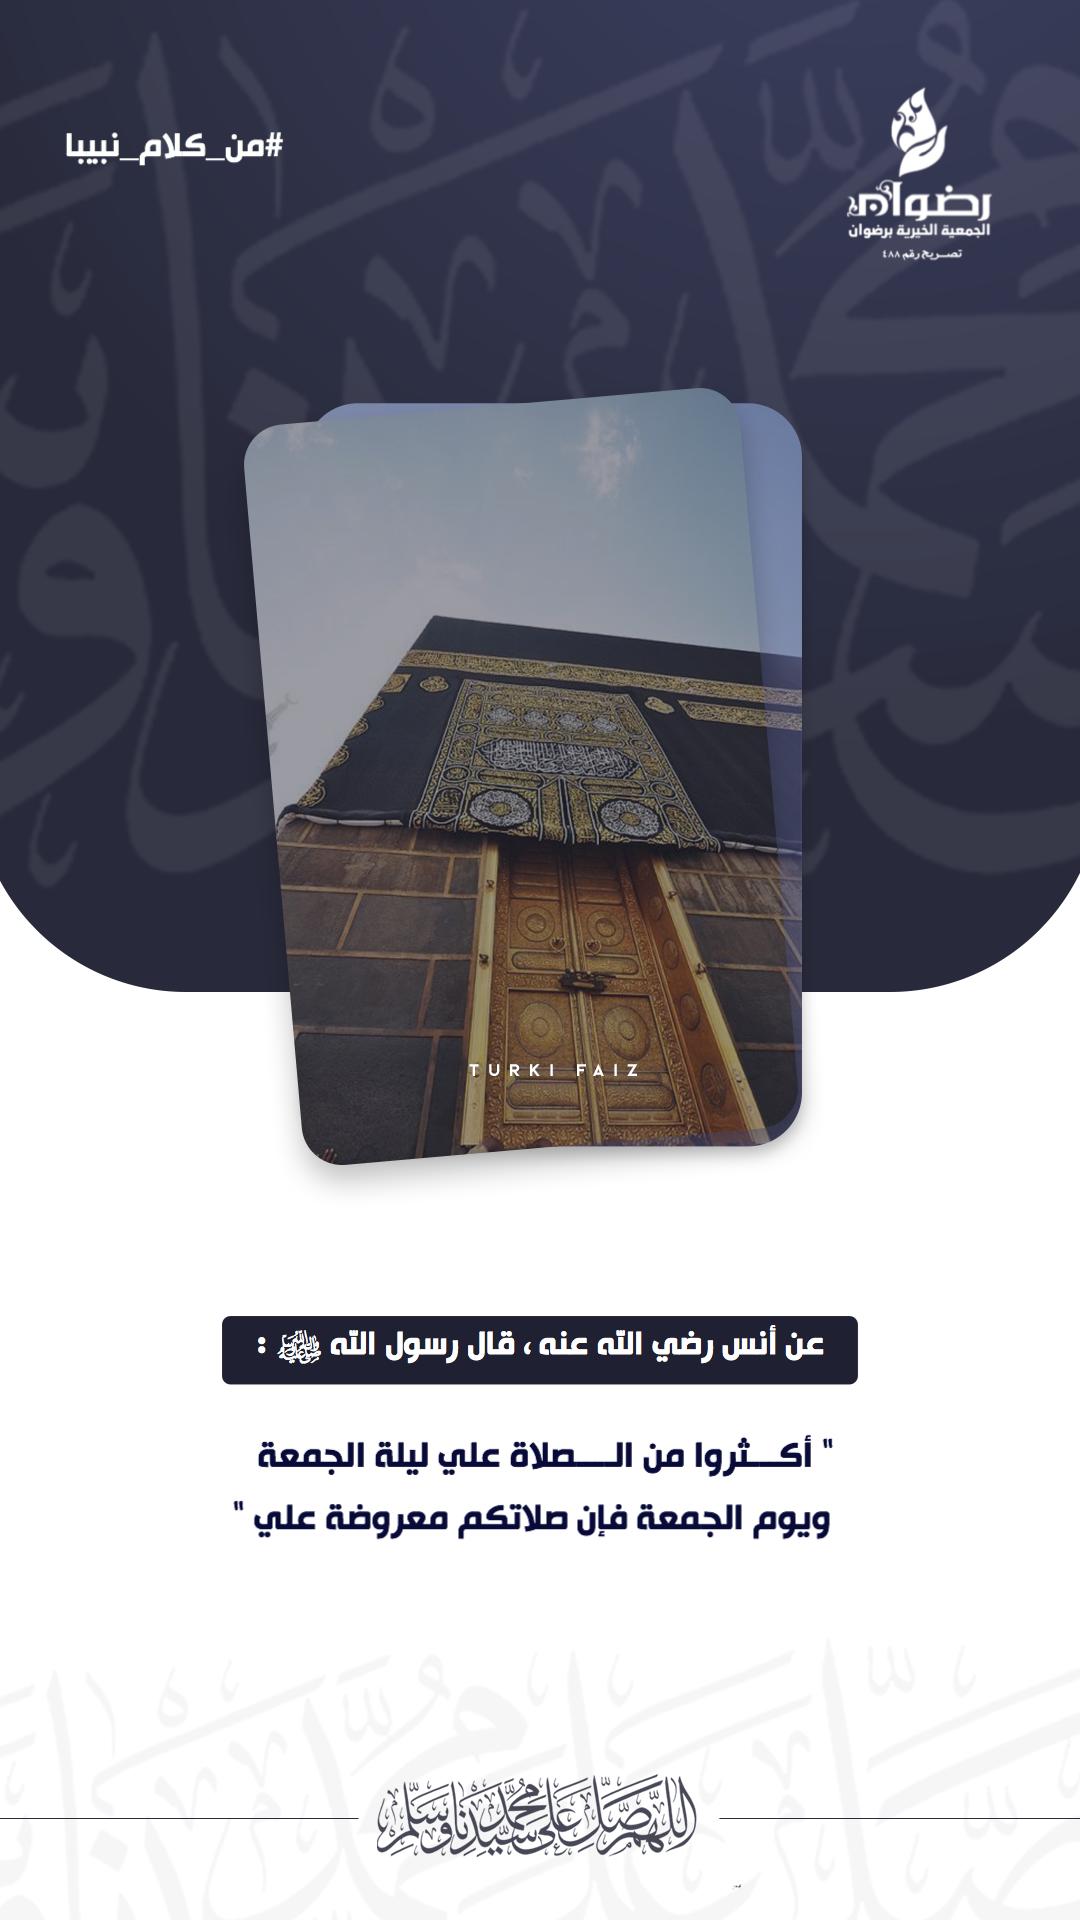 احاديث اسبوعيه من كلام نبينا Islamic Quotes Quran Cards Against Humanity Words